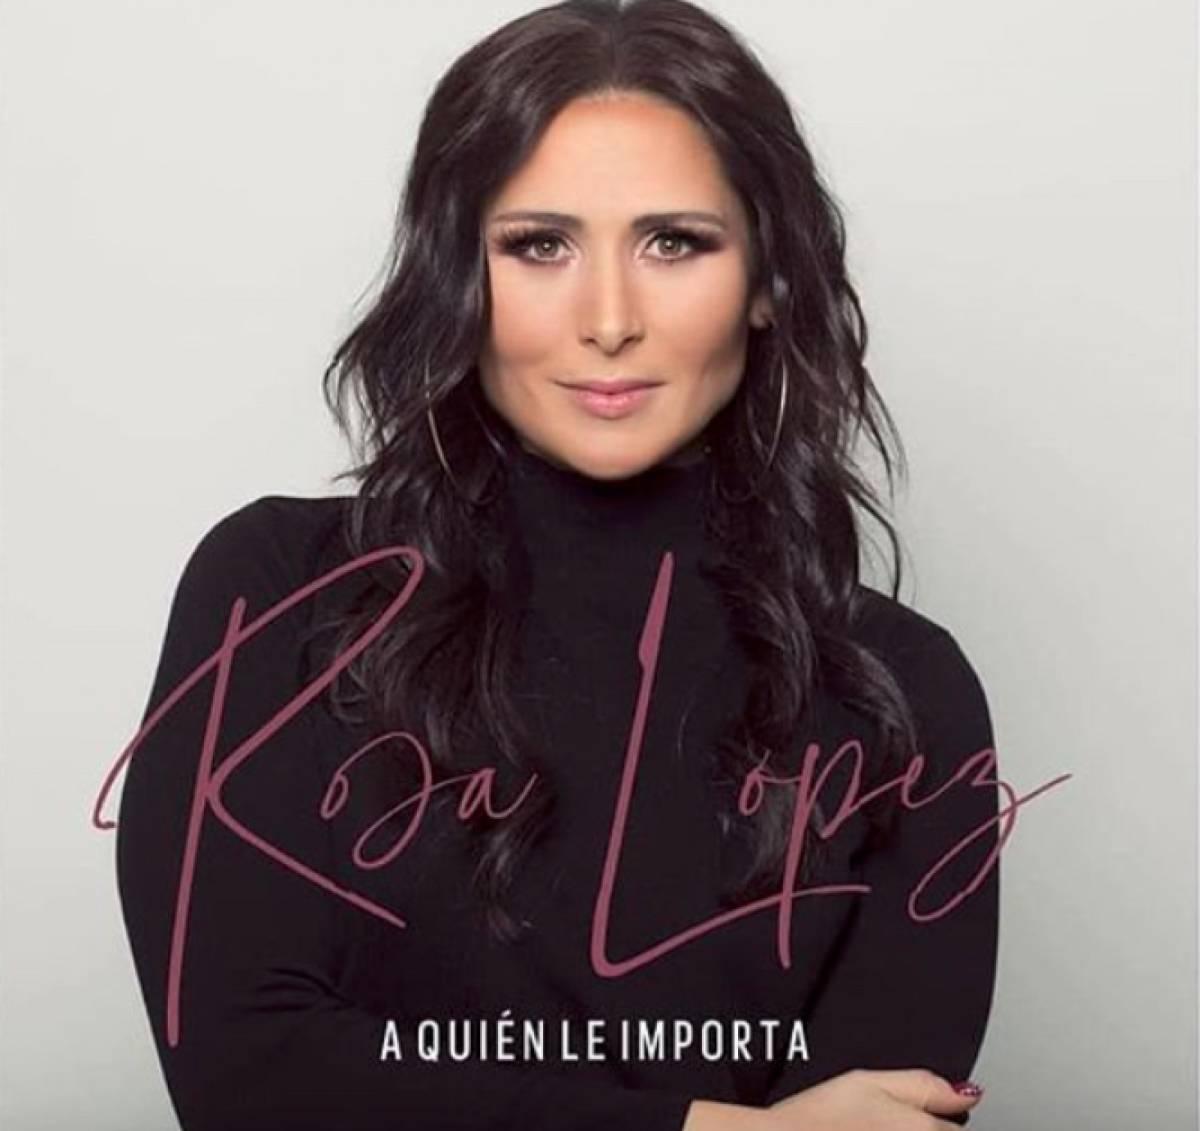 Rosa López >> Preparando nuevo álbum - Página 29 Rosa-lopez-a-quien-le-importa